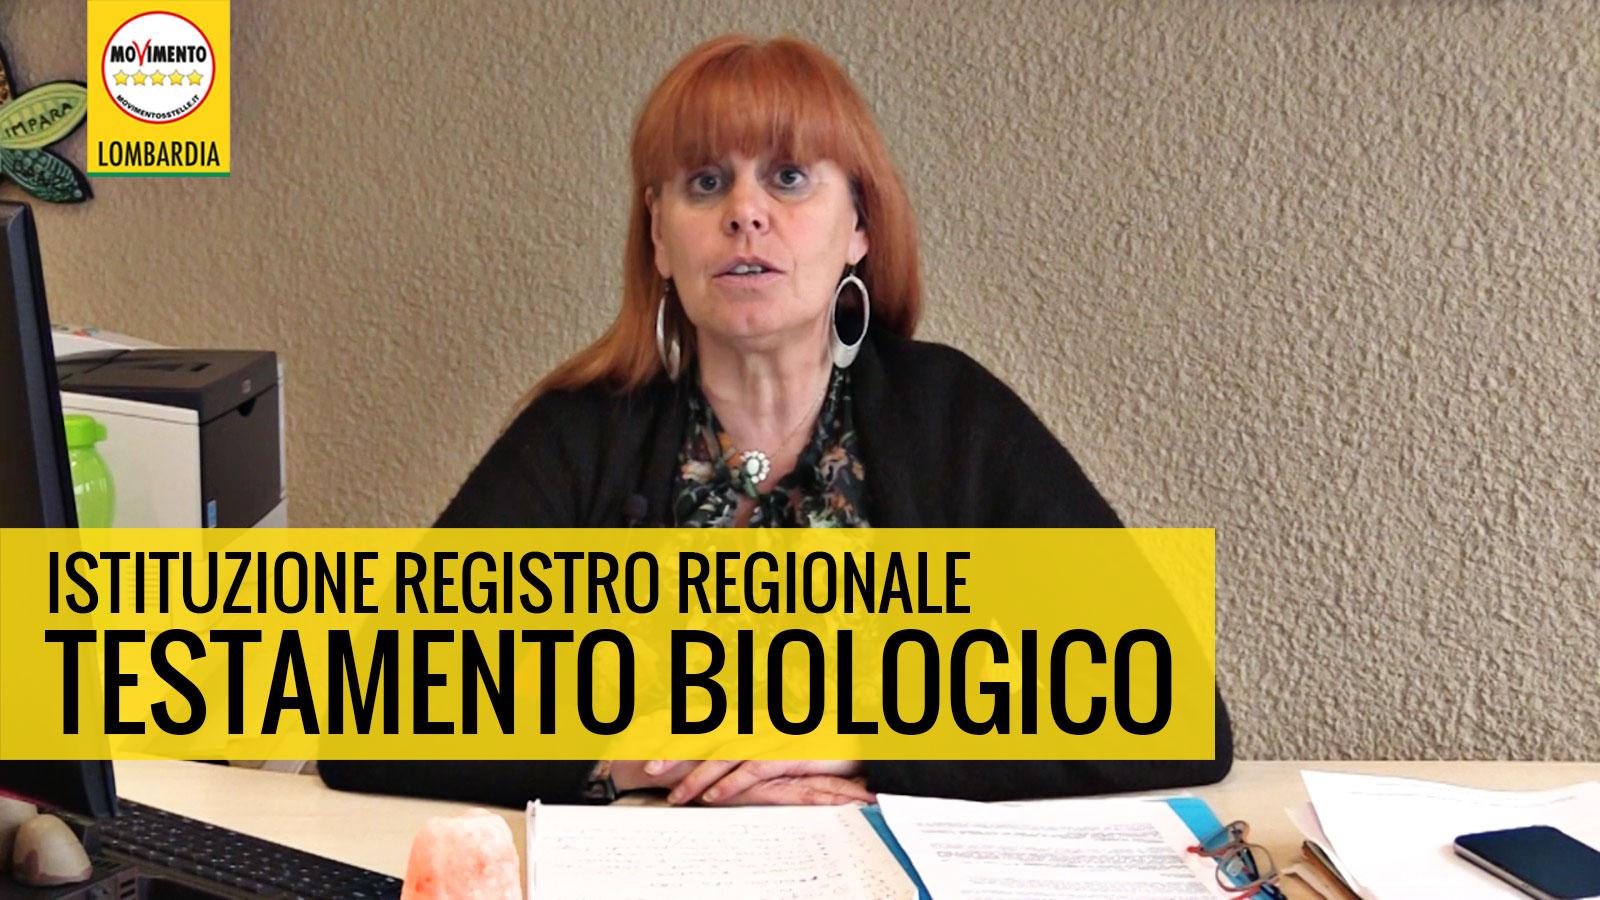 Testamento biologico: il M5S presenta la proposta di legge regionale.